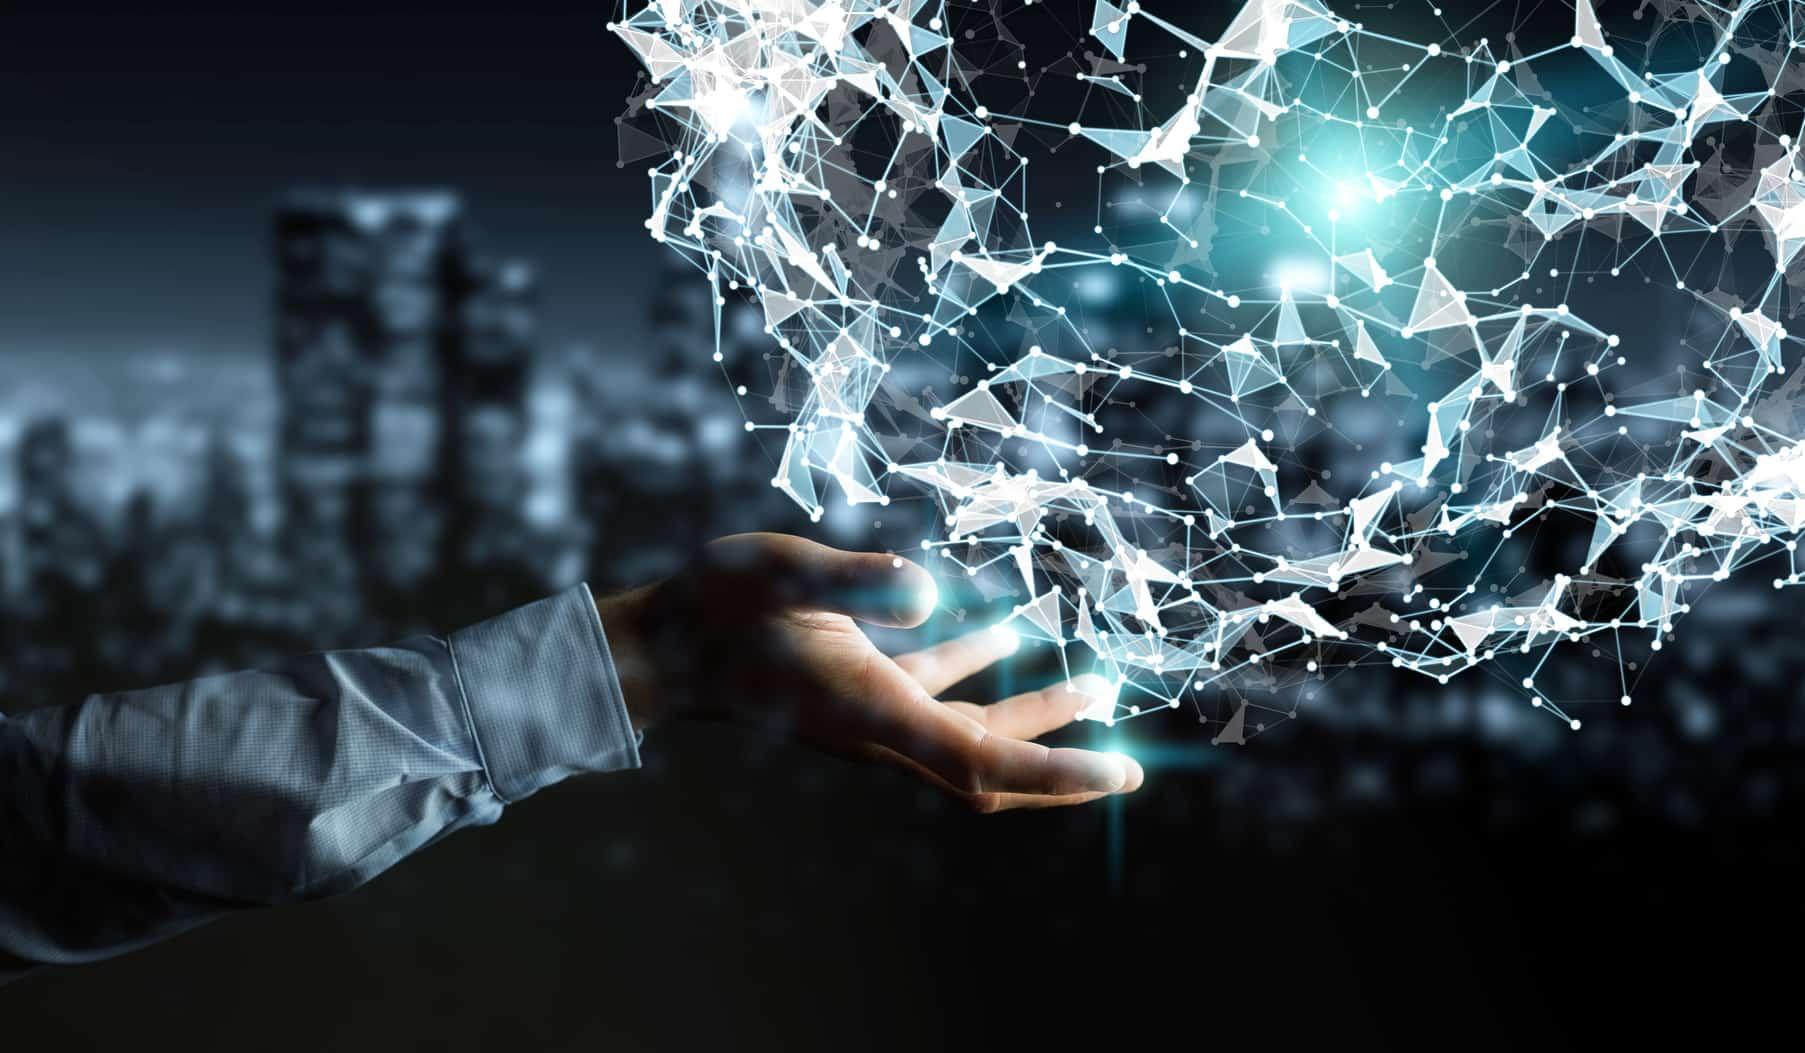 Telecomunicaciones de México (Telecomm) alista las prebases de la licitación de la red troncal, las cuales estarán en la segunda quincena del mes de abril.